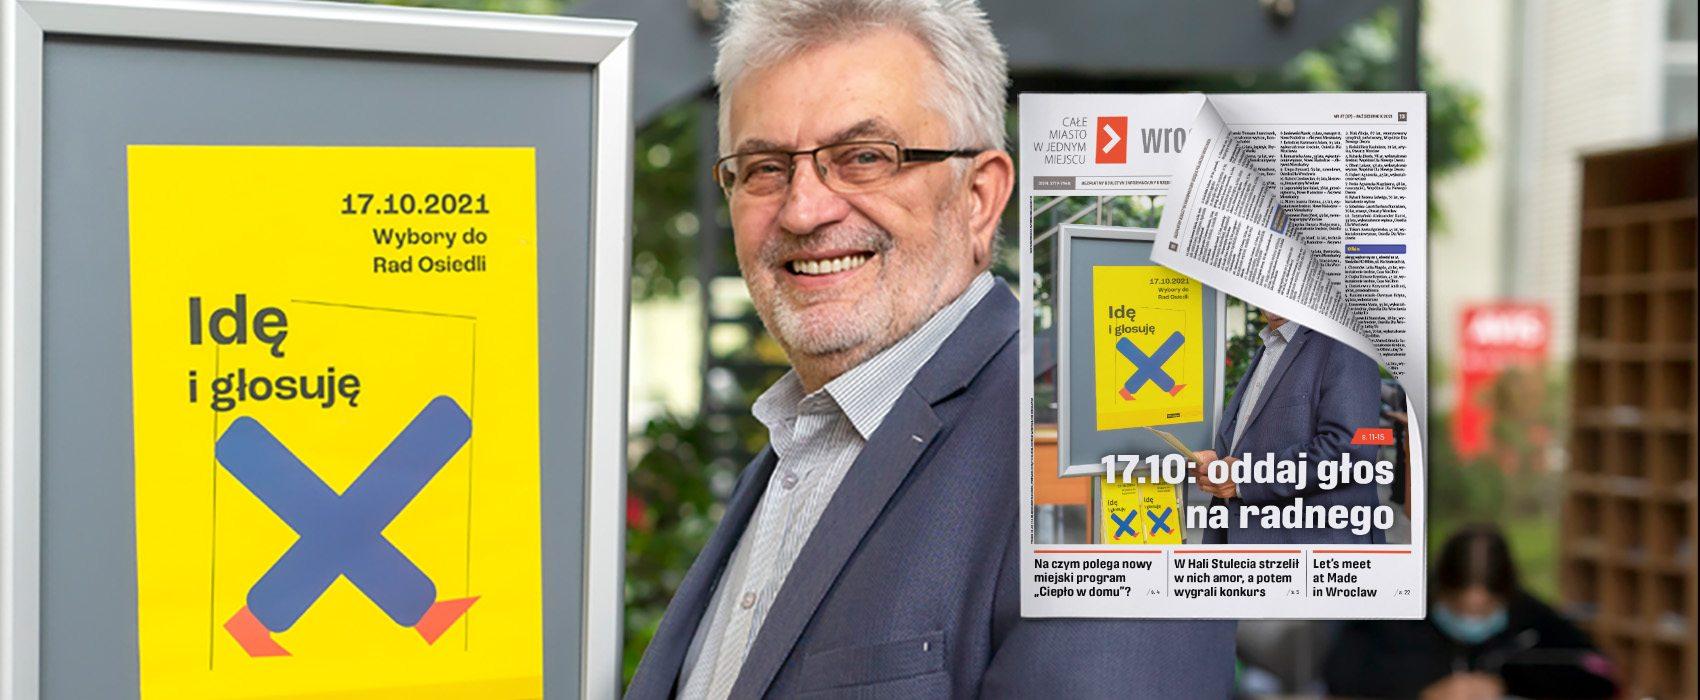 17.10.2021 r. wybory do rad osiedli, na zdjęciu: Andrzej Kubica, przewodniczący Miejskiej Komisji Wyborczej we Wrocławiu